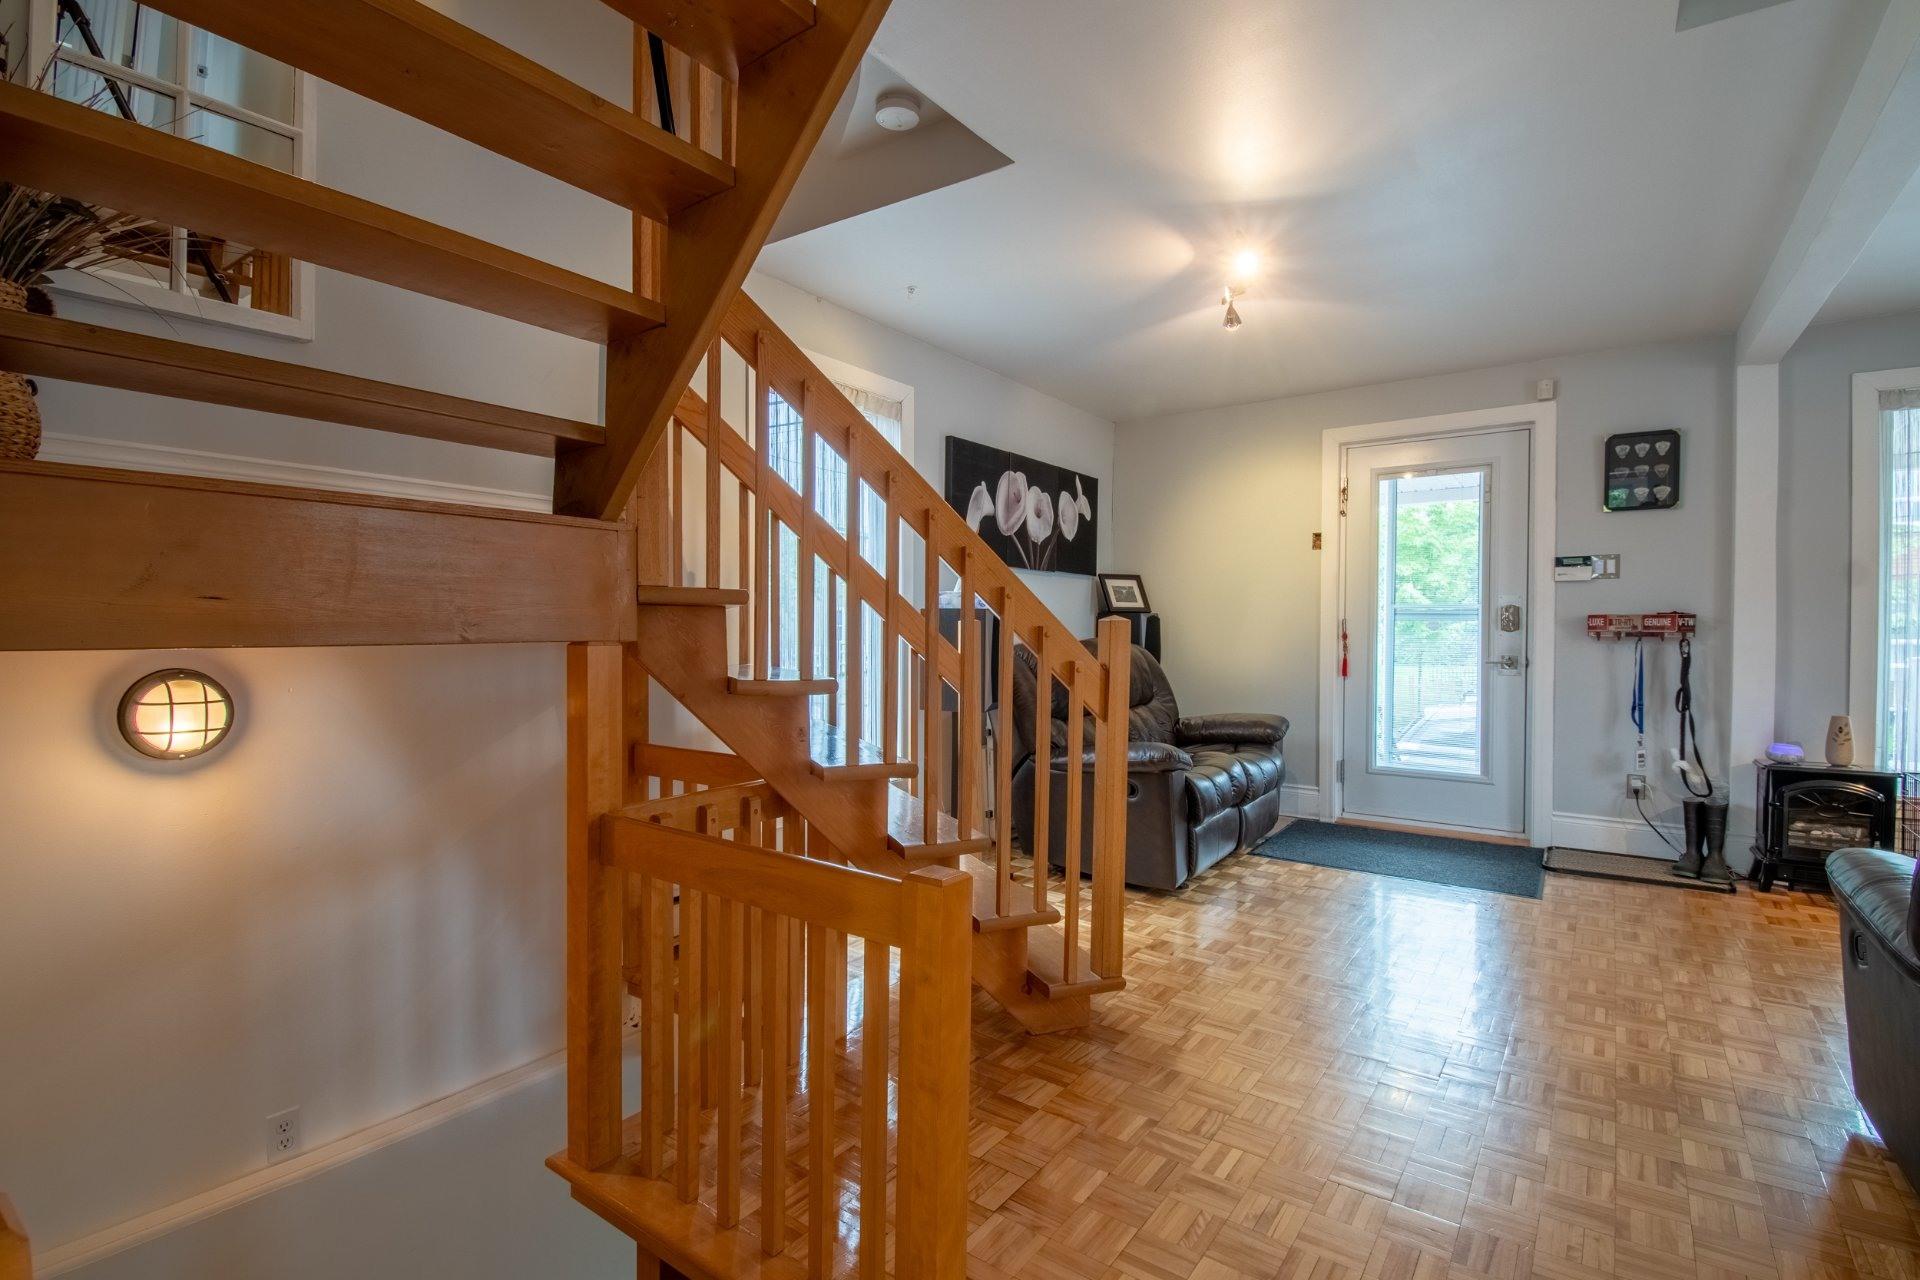 image 32 - Maison À vendre Trois-Rivières - 11 pièces